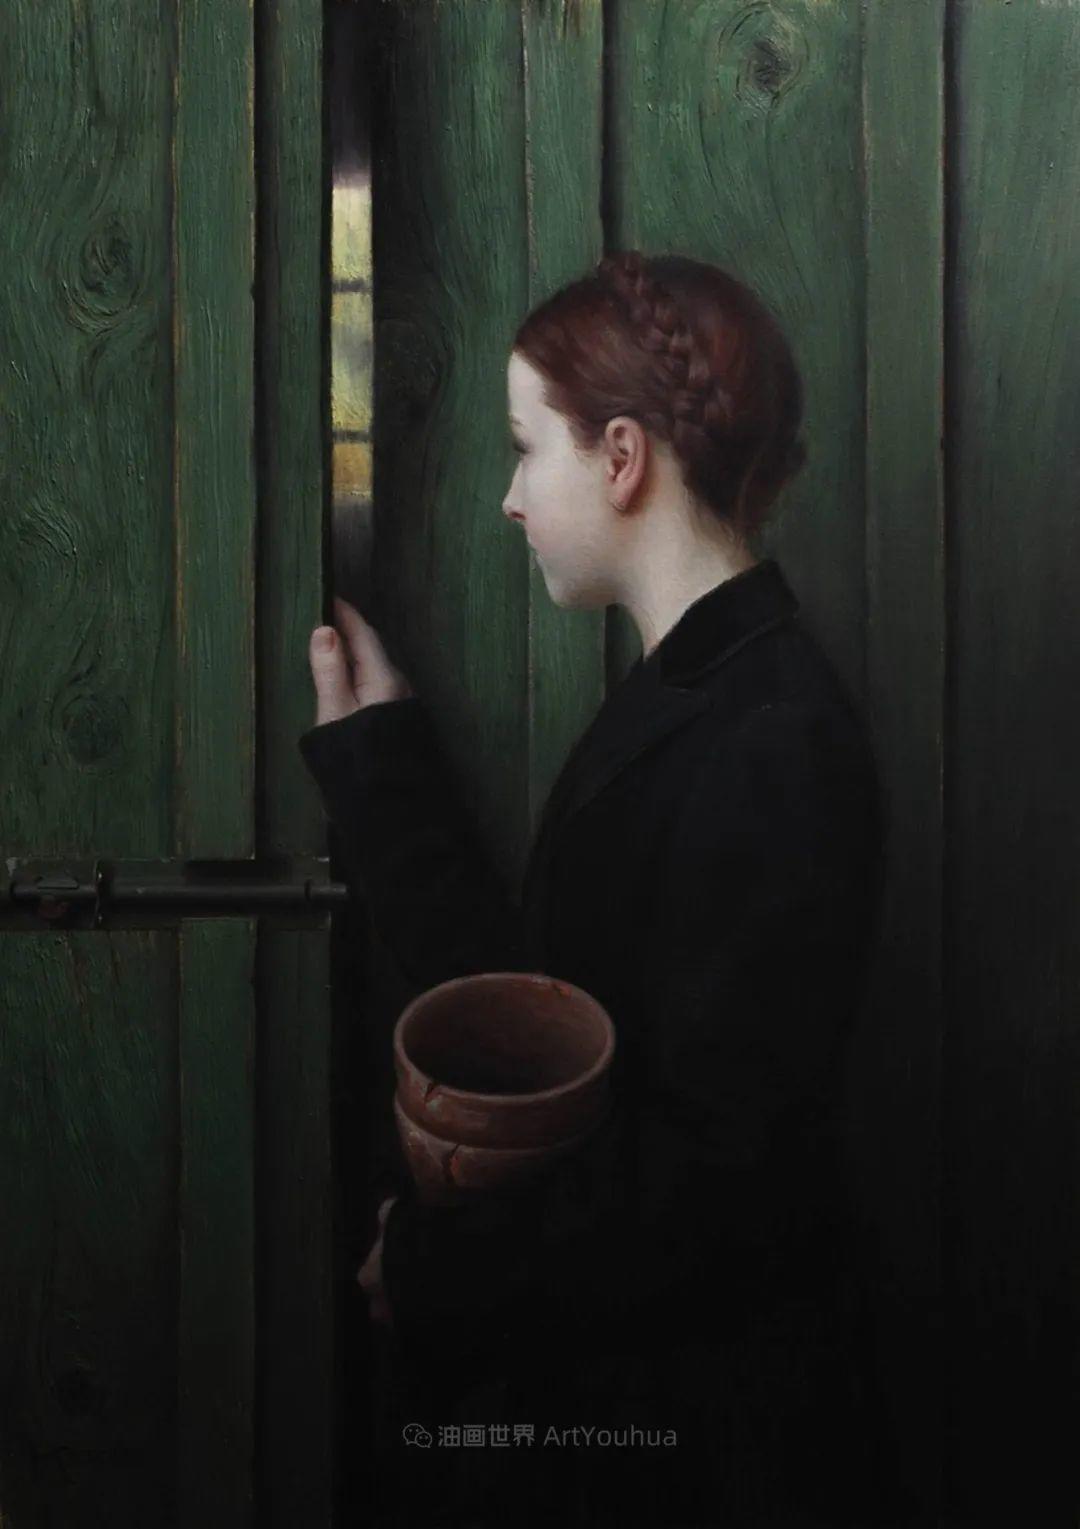 细致入微的静物与肖像,加拿大女画家凯瑟琳·斯通插图31